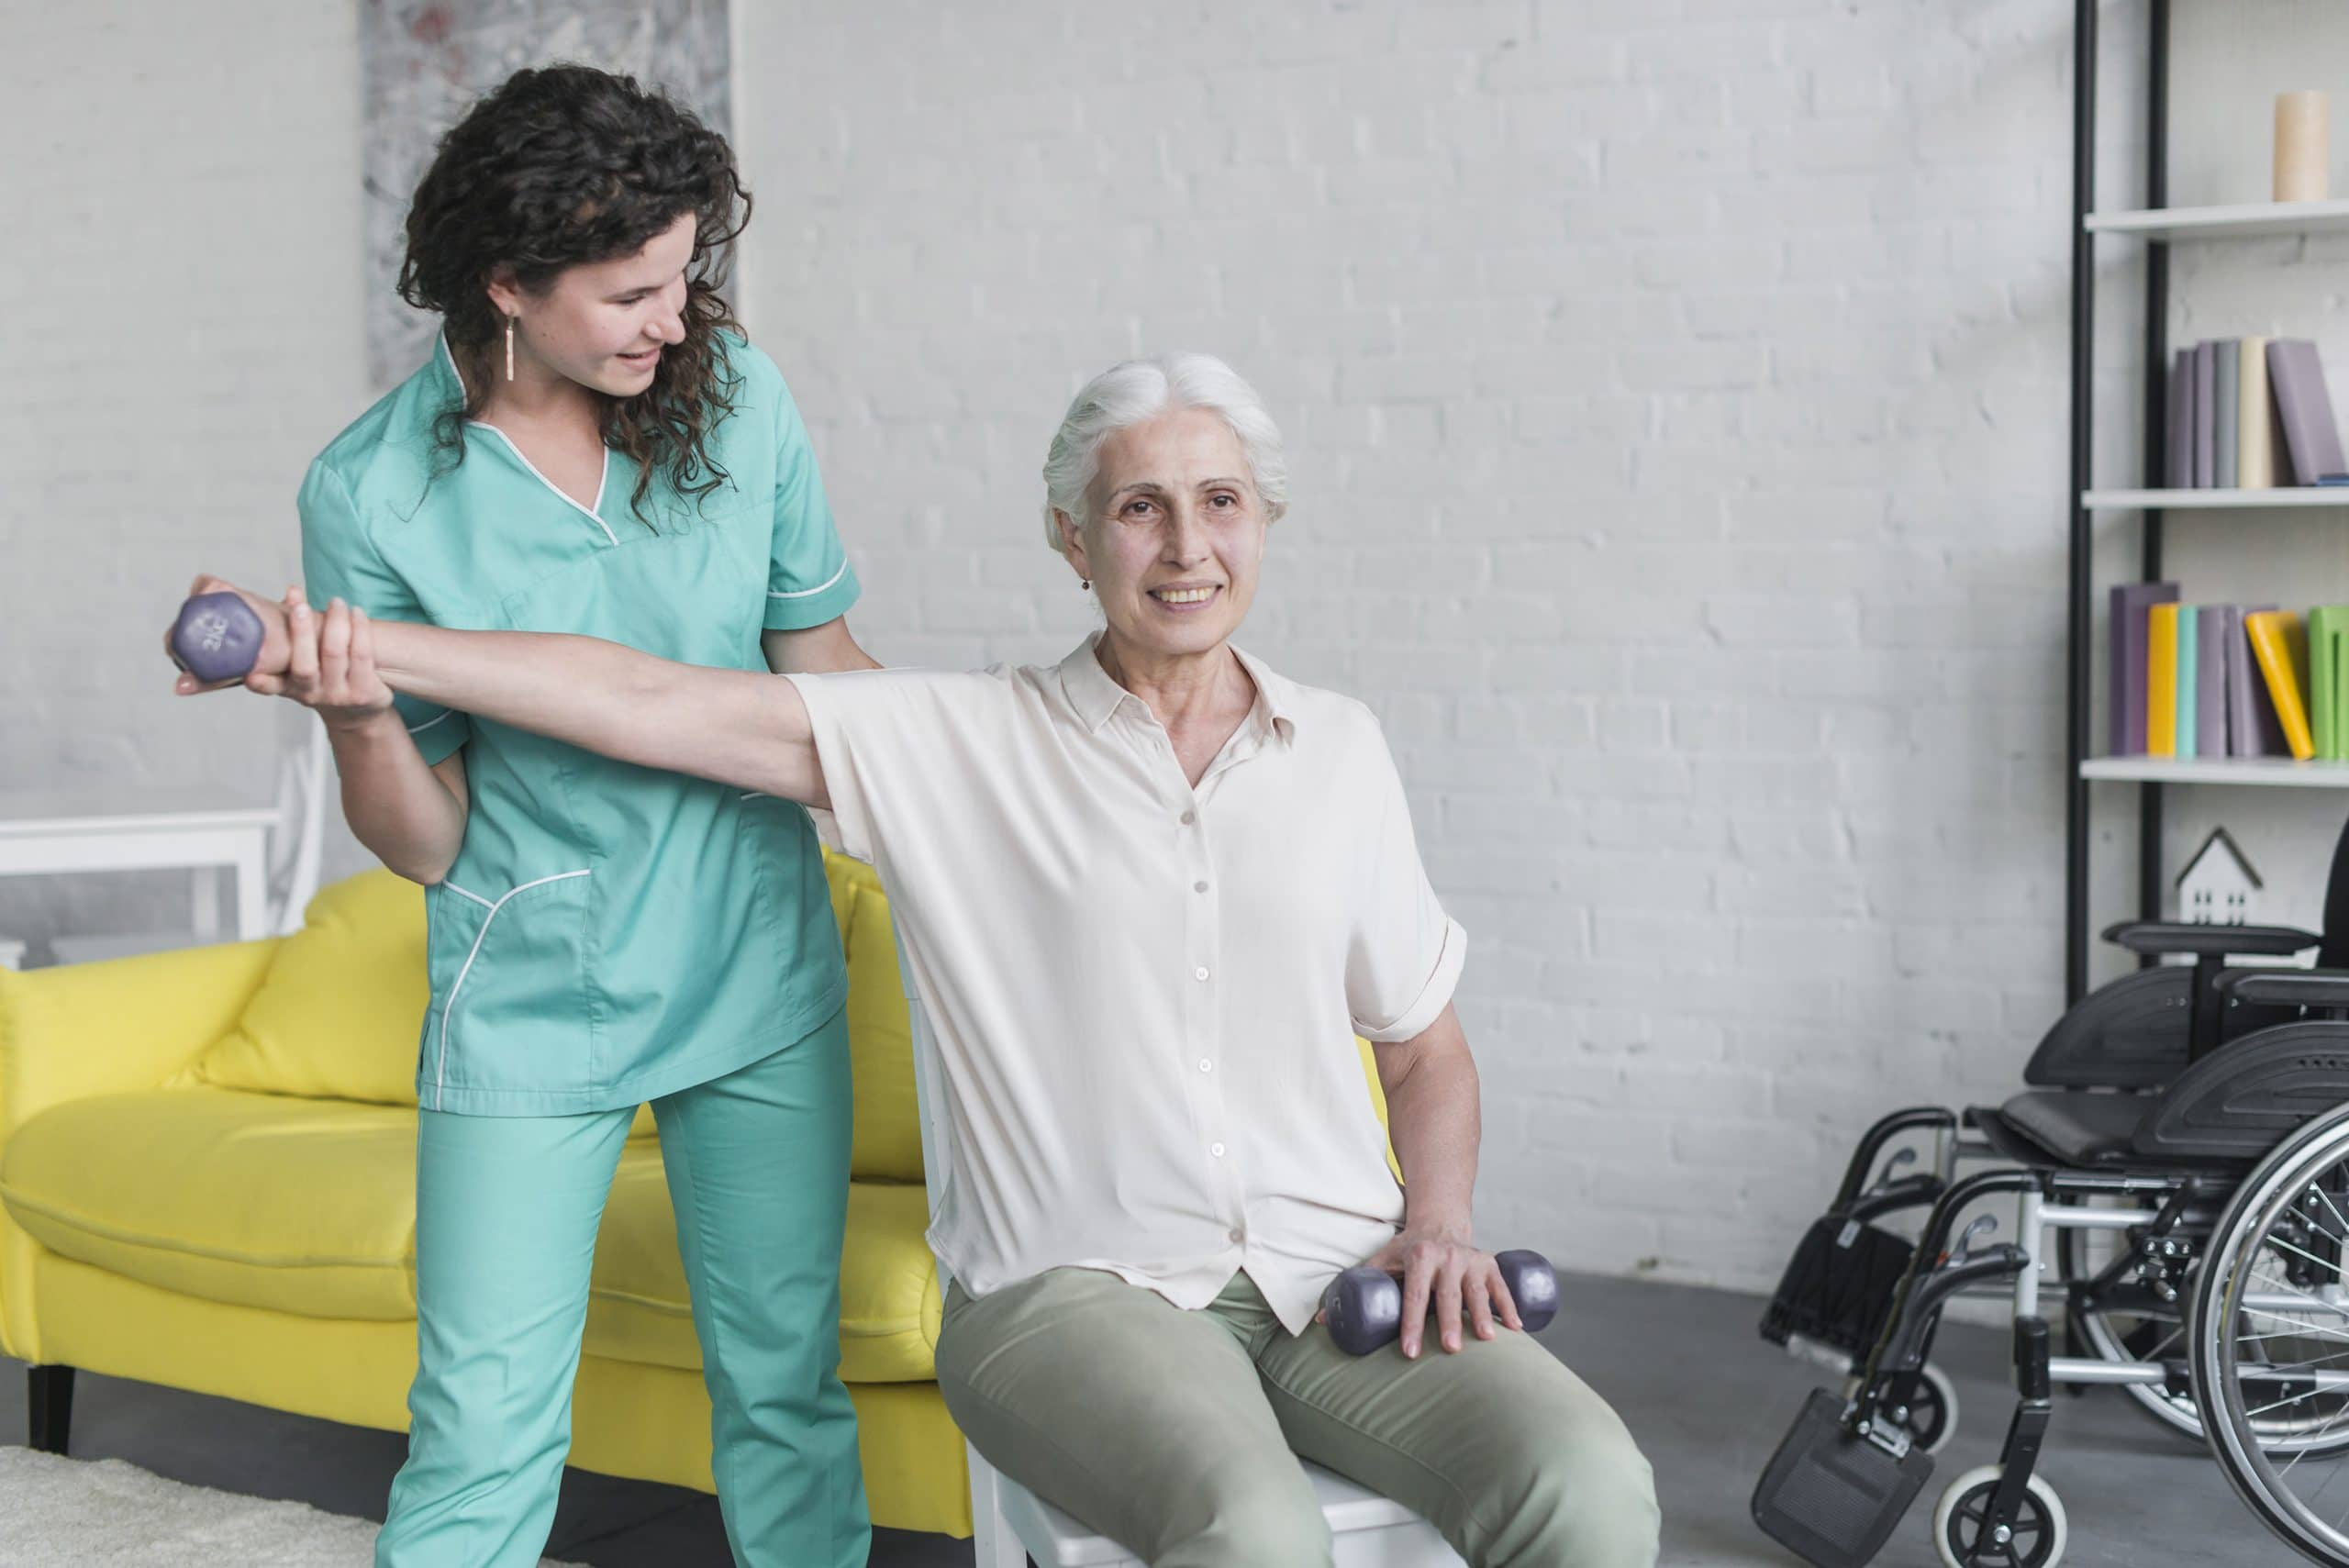 Actividades para personas mayores en casa | Agencia de servicio doméstico María Zugasti